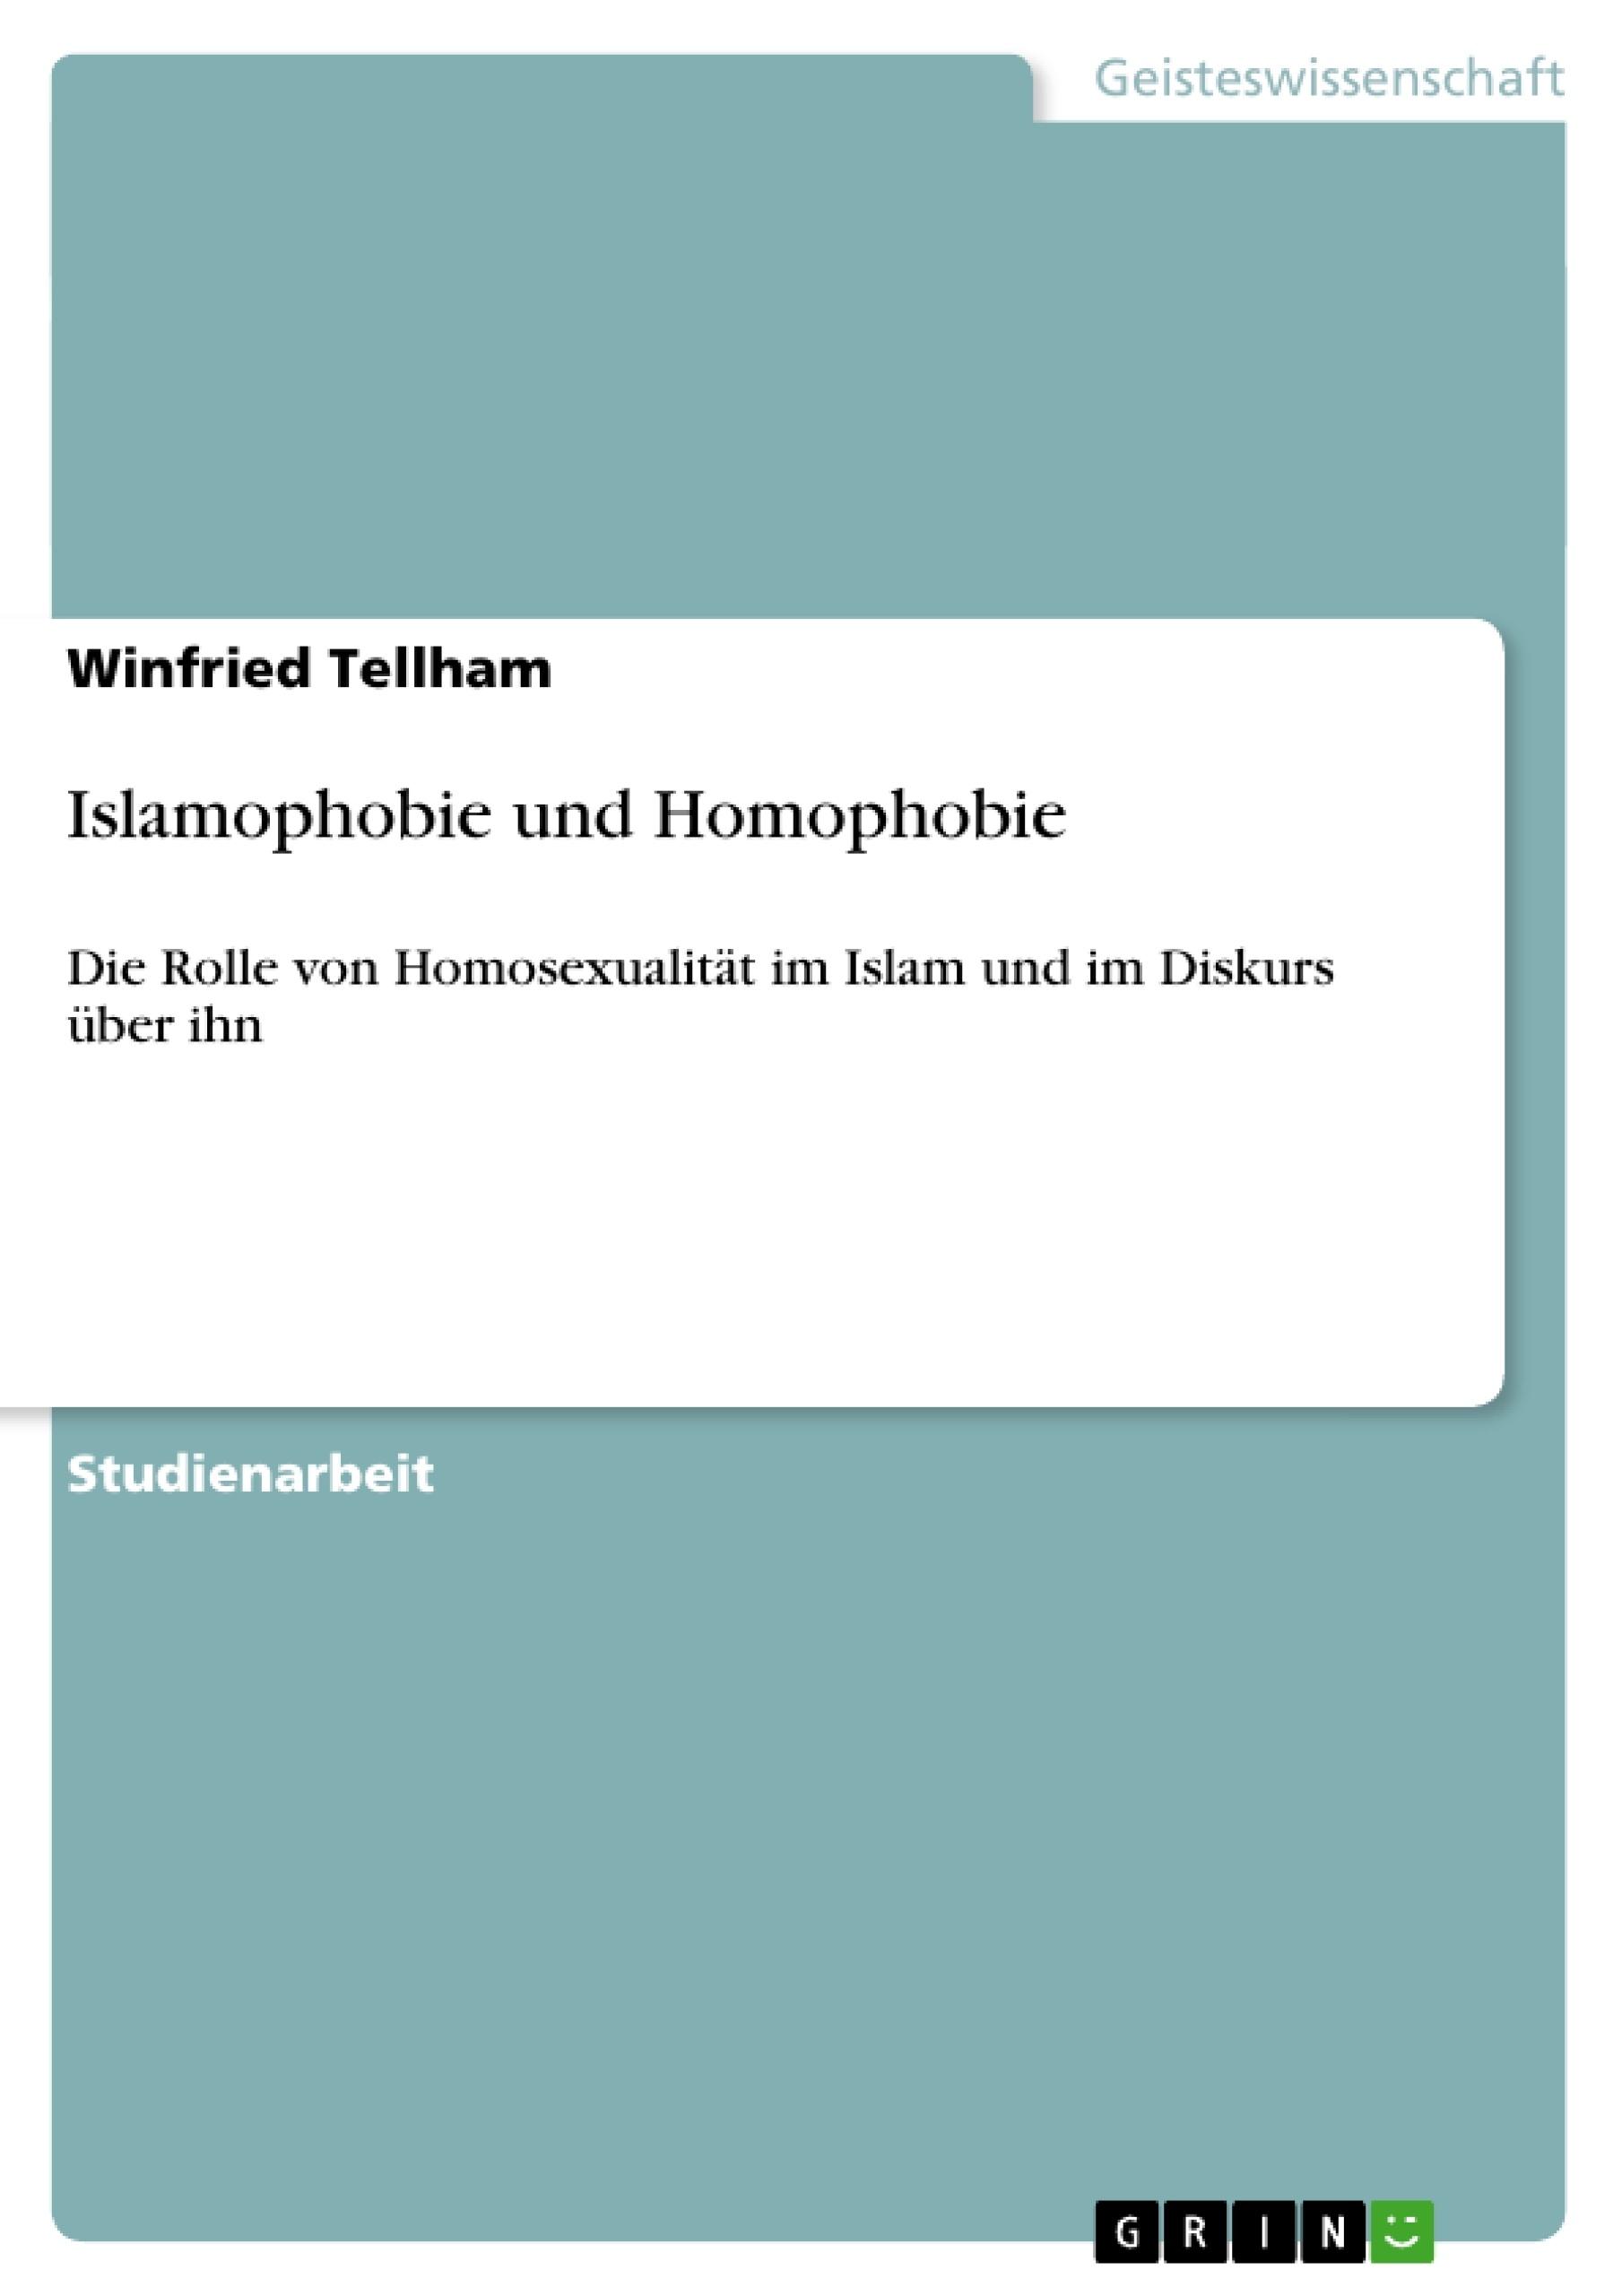 Titel: Islamophobie und Homophobie